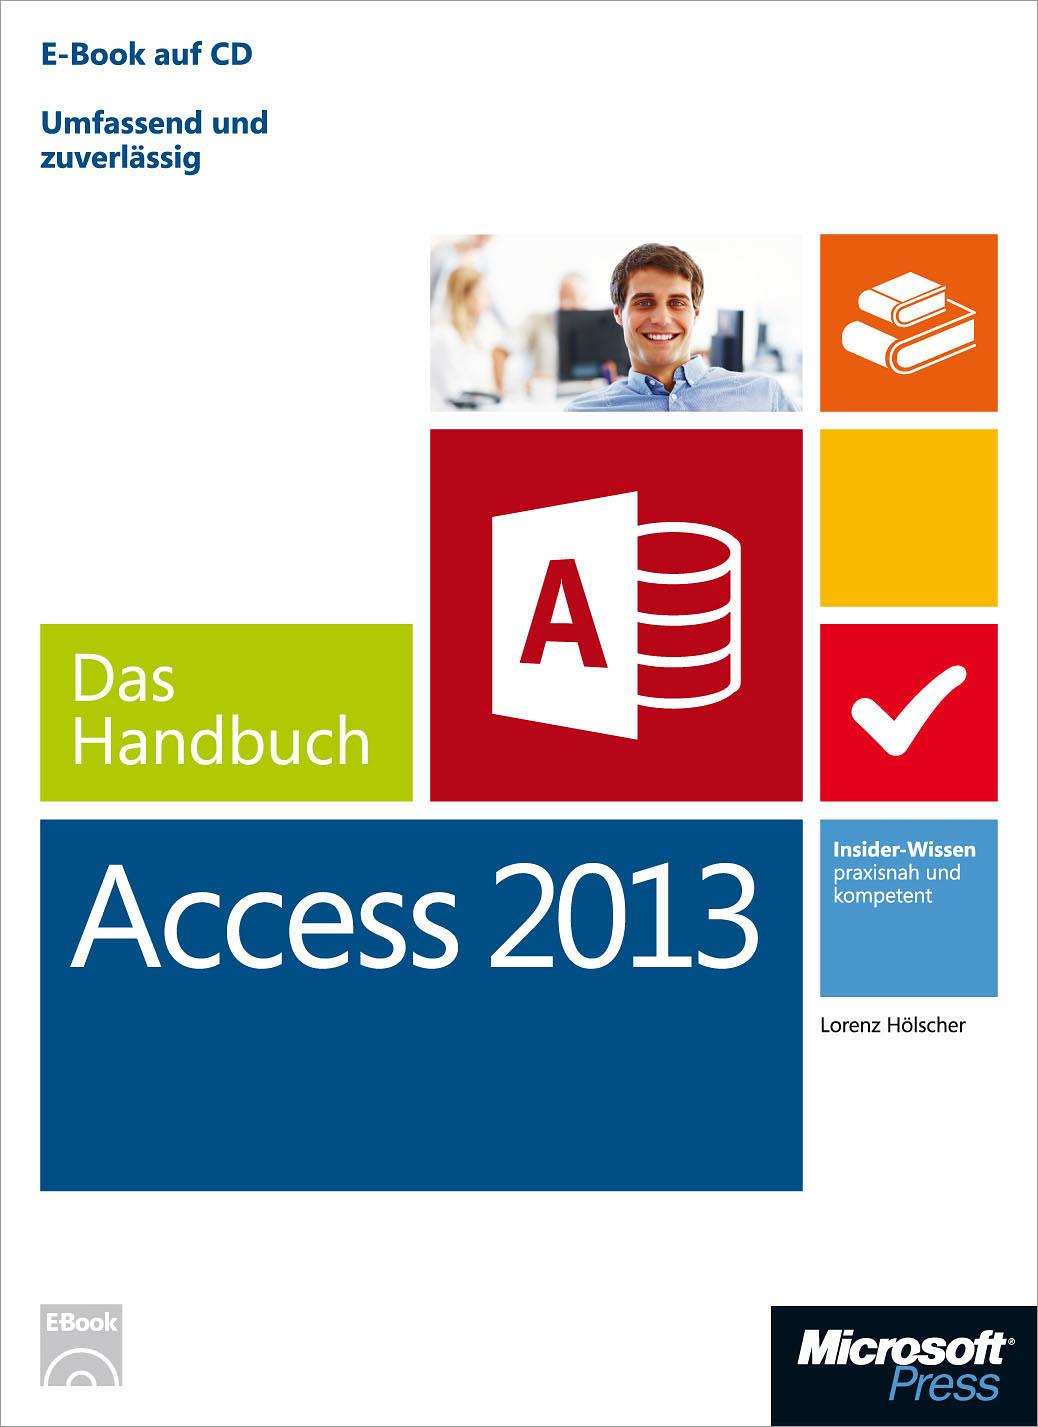 Lorenz Holscher Microsoft Access 2013 - Das Handbuch ken cook access 2013 for dummies isbn 9781118568644